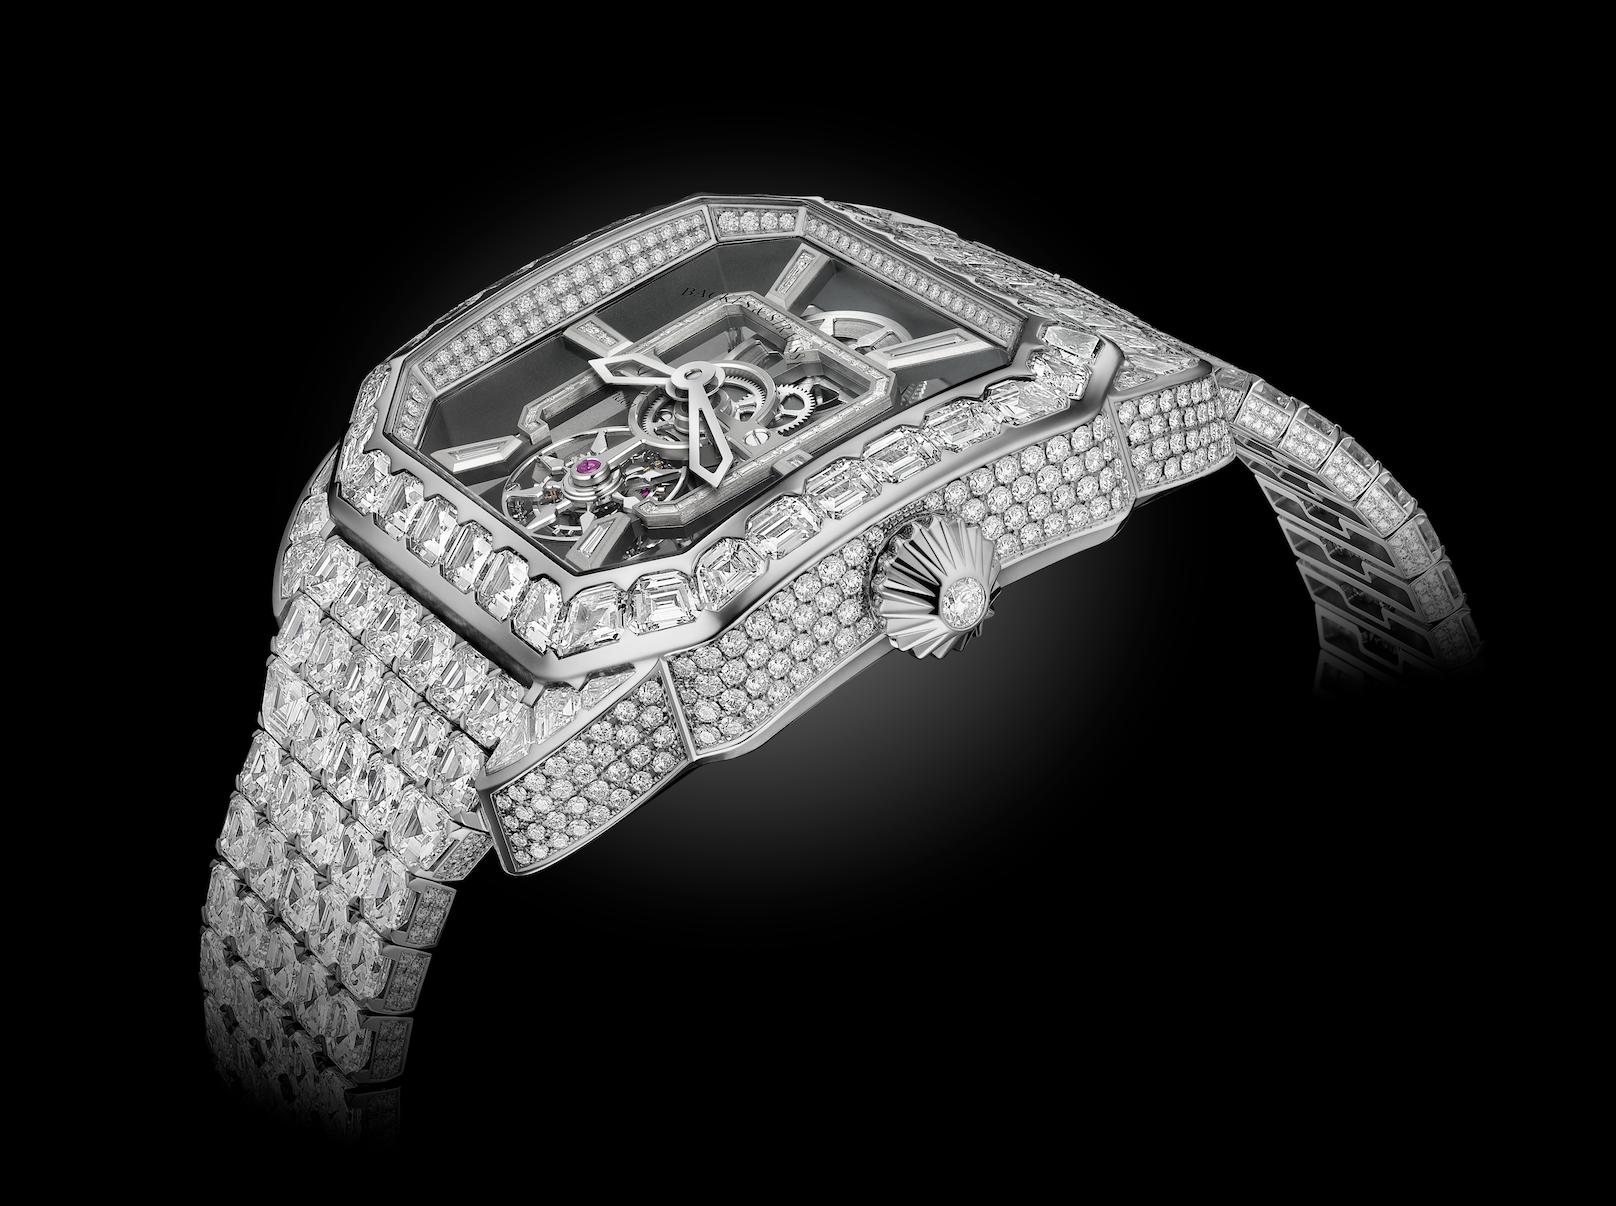 Royal Berkeley Emperor Tourbillon diamond encrusted watch